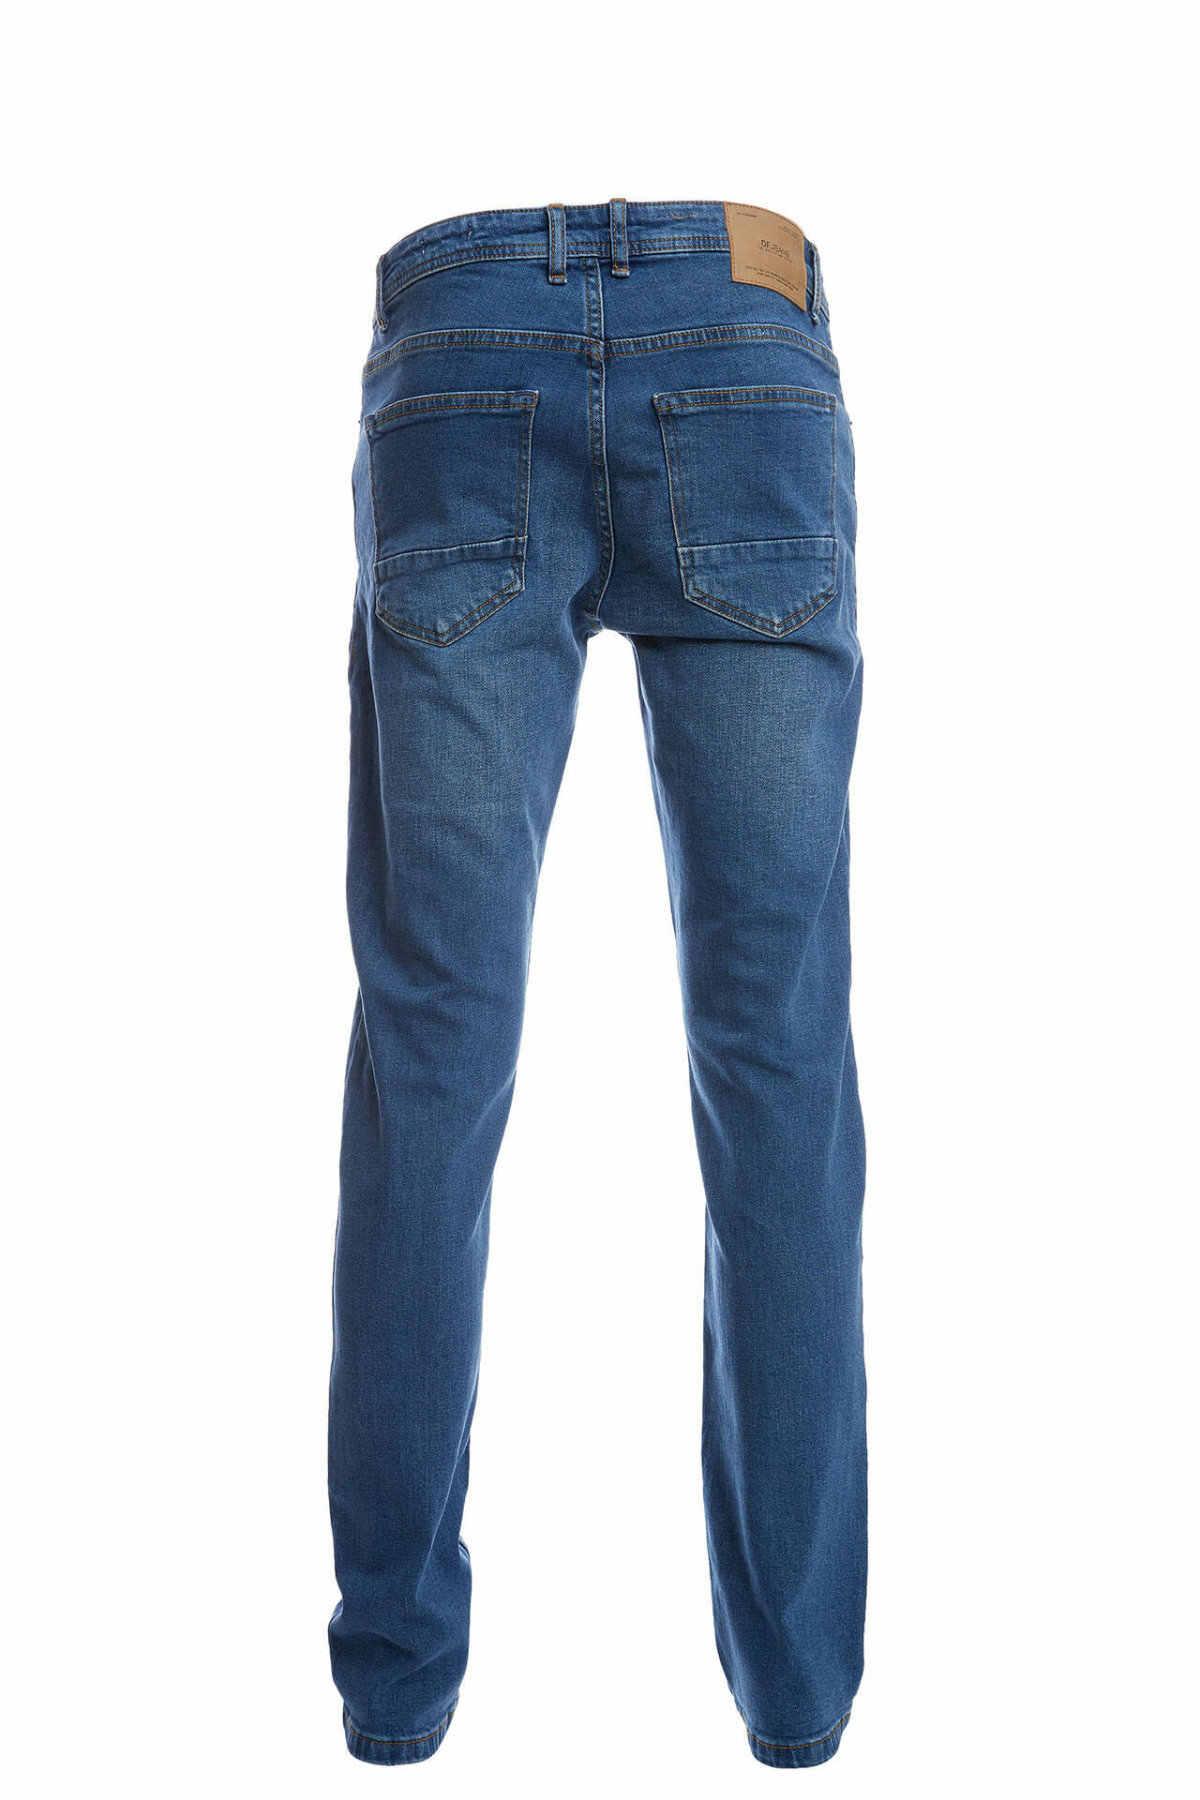 Defacto calças de brim de brim azul denim calças de brim masculinas em linha reta calças de brim azul escuro Trousers-O0322AZ20SM